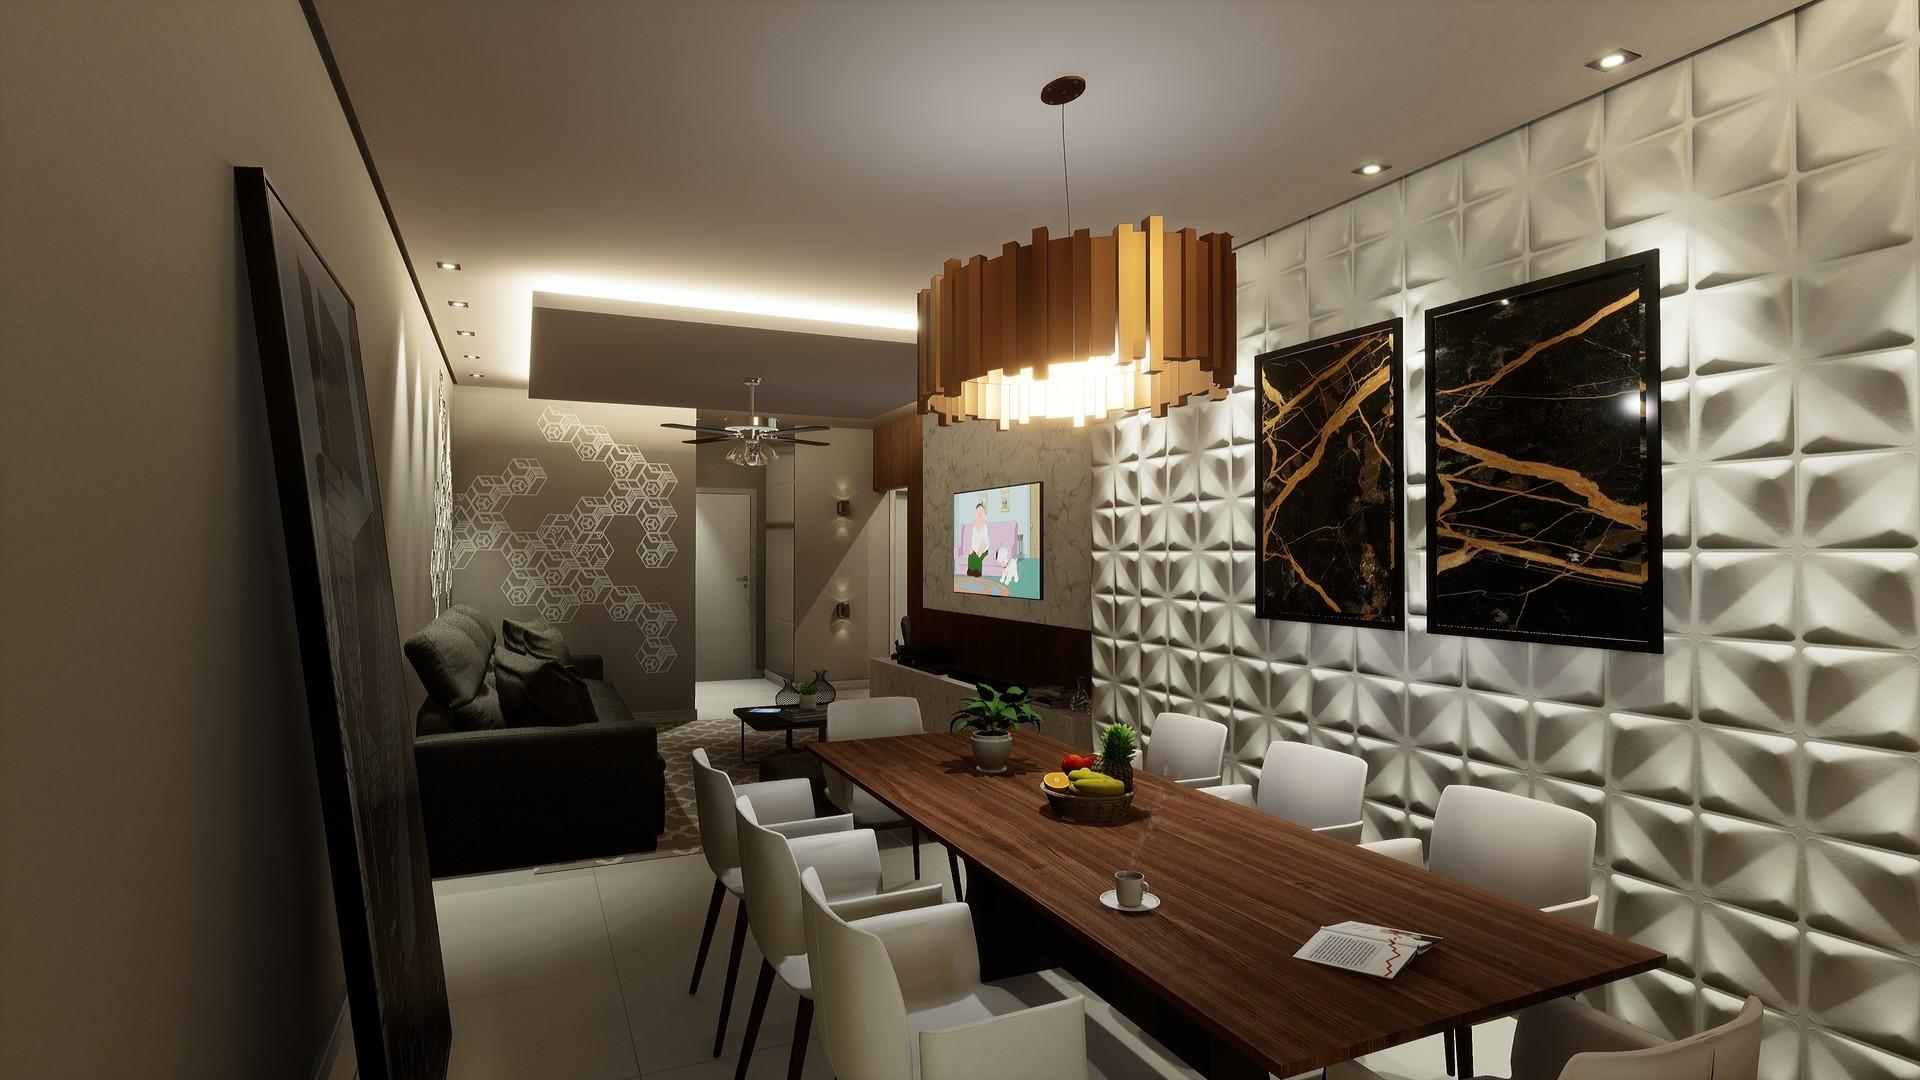 Fernando Damasceno - Unreal Engine 4 - Apartment Interior